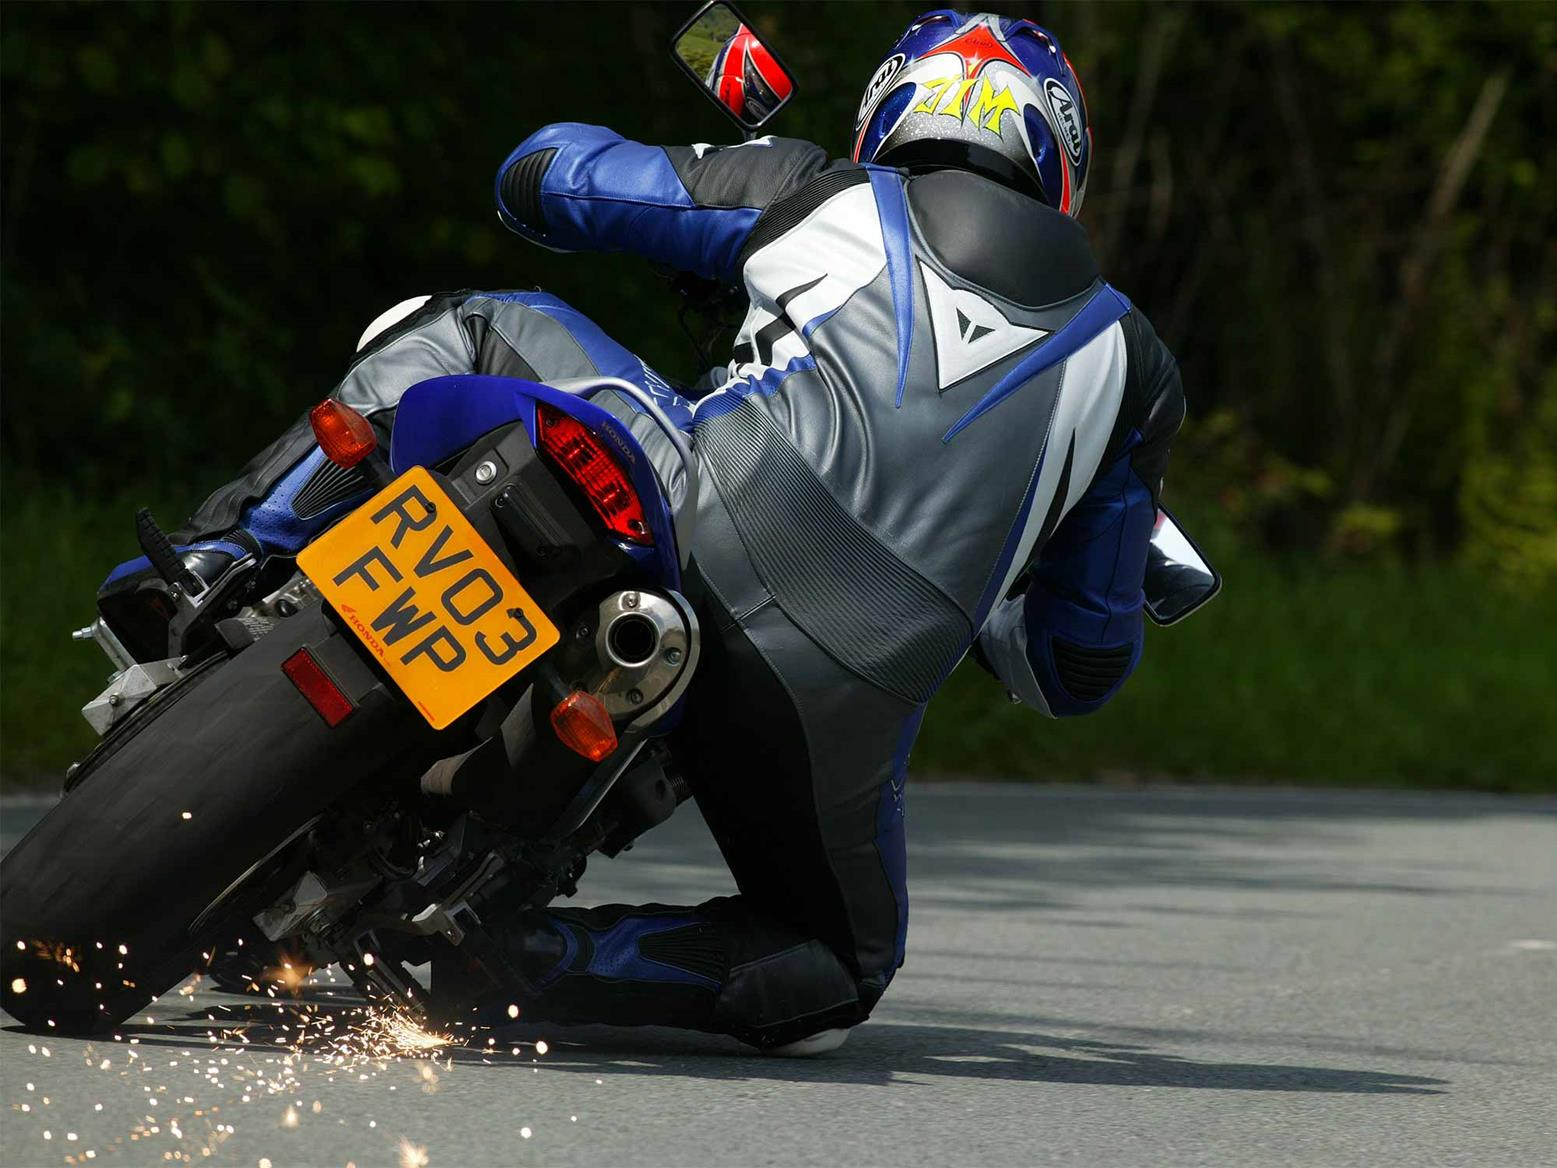 Knee down on the Honda CB600F Hornet